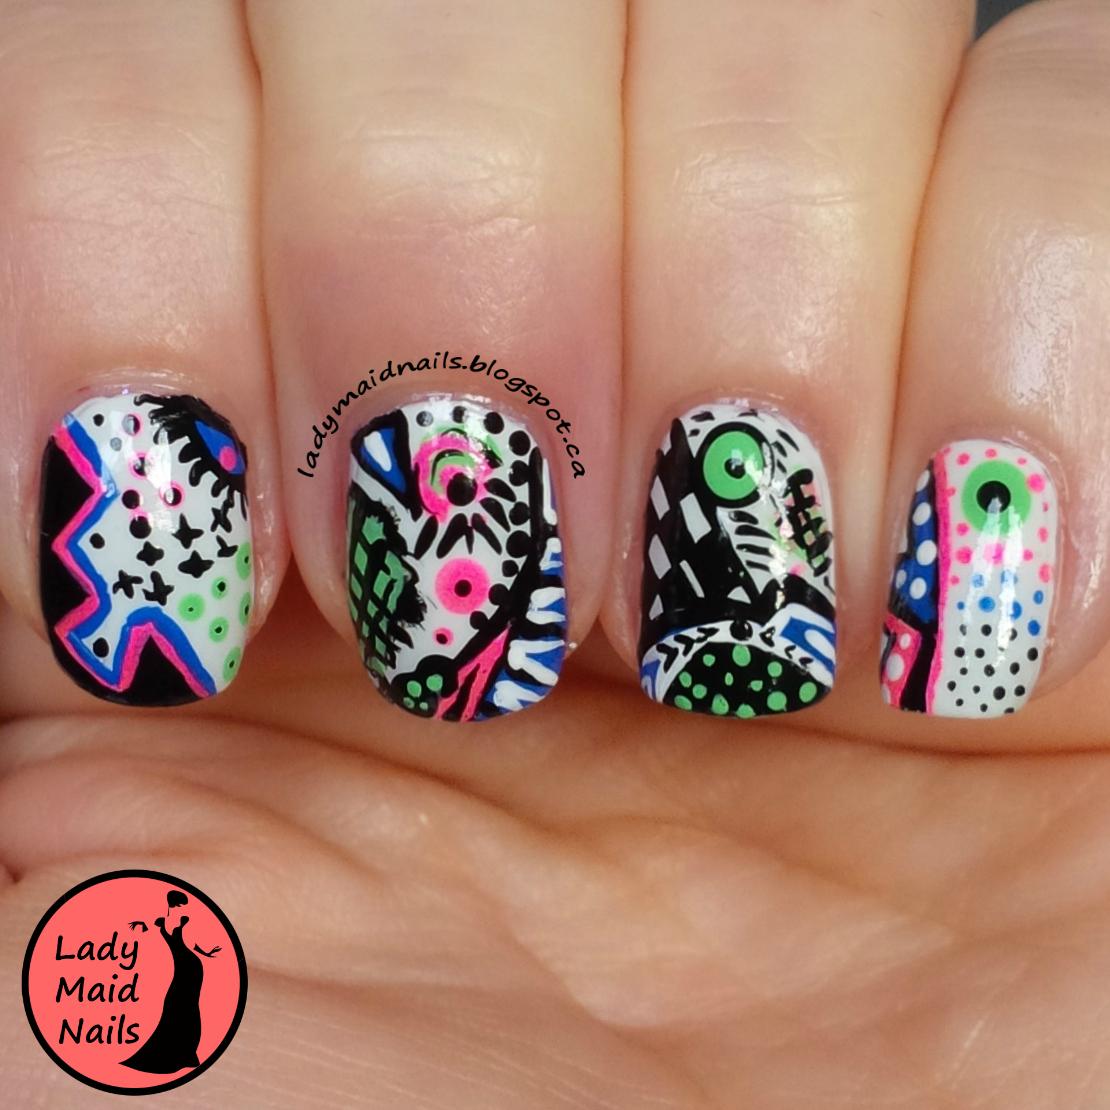 piccaso-nail-art